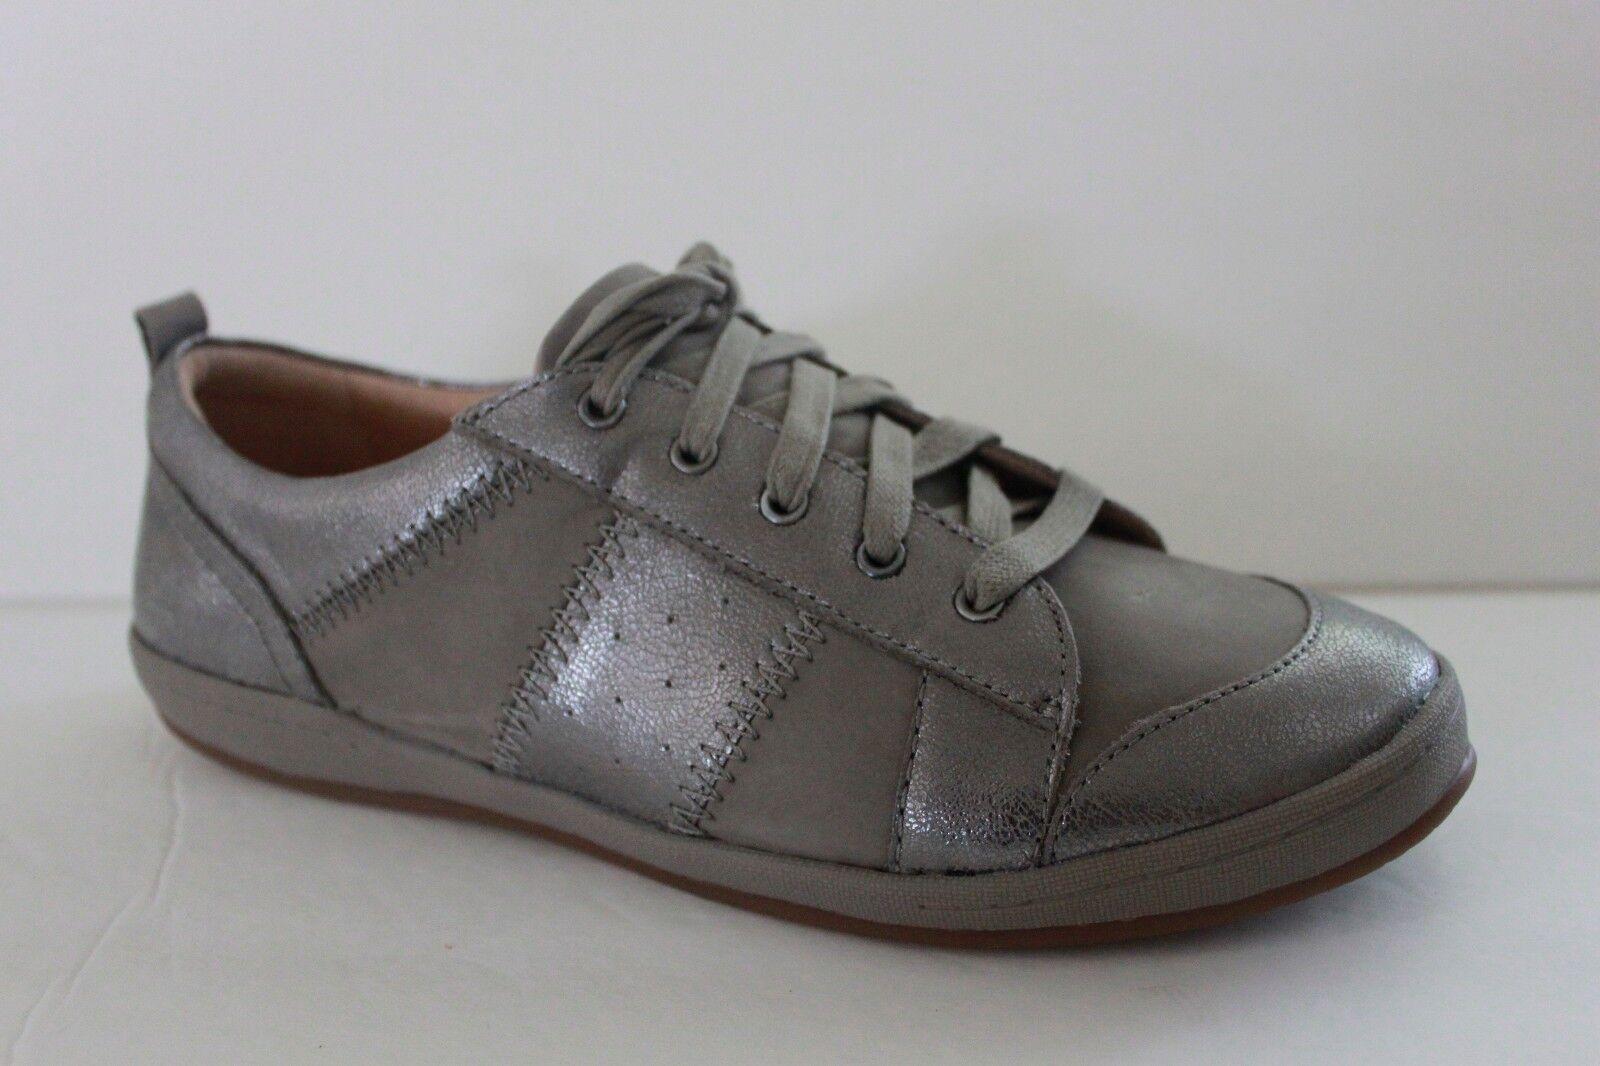 Nurture Watsonn Womens Size 7.5 M Koala Leather Low Casual Sneaker shoes New